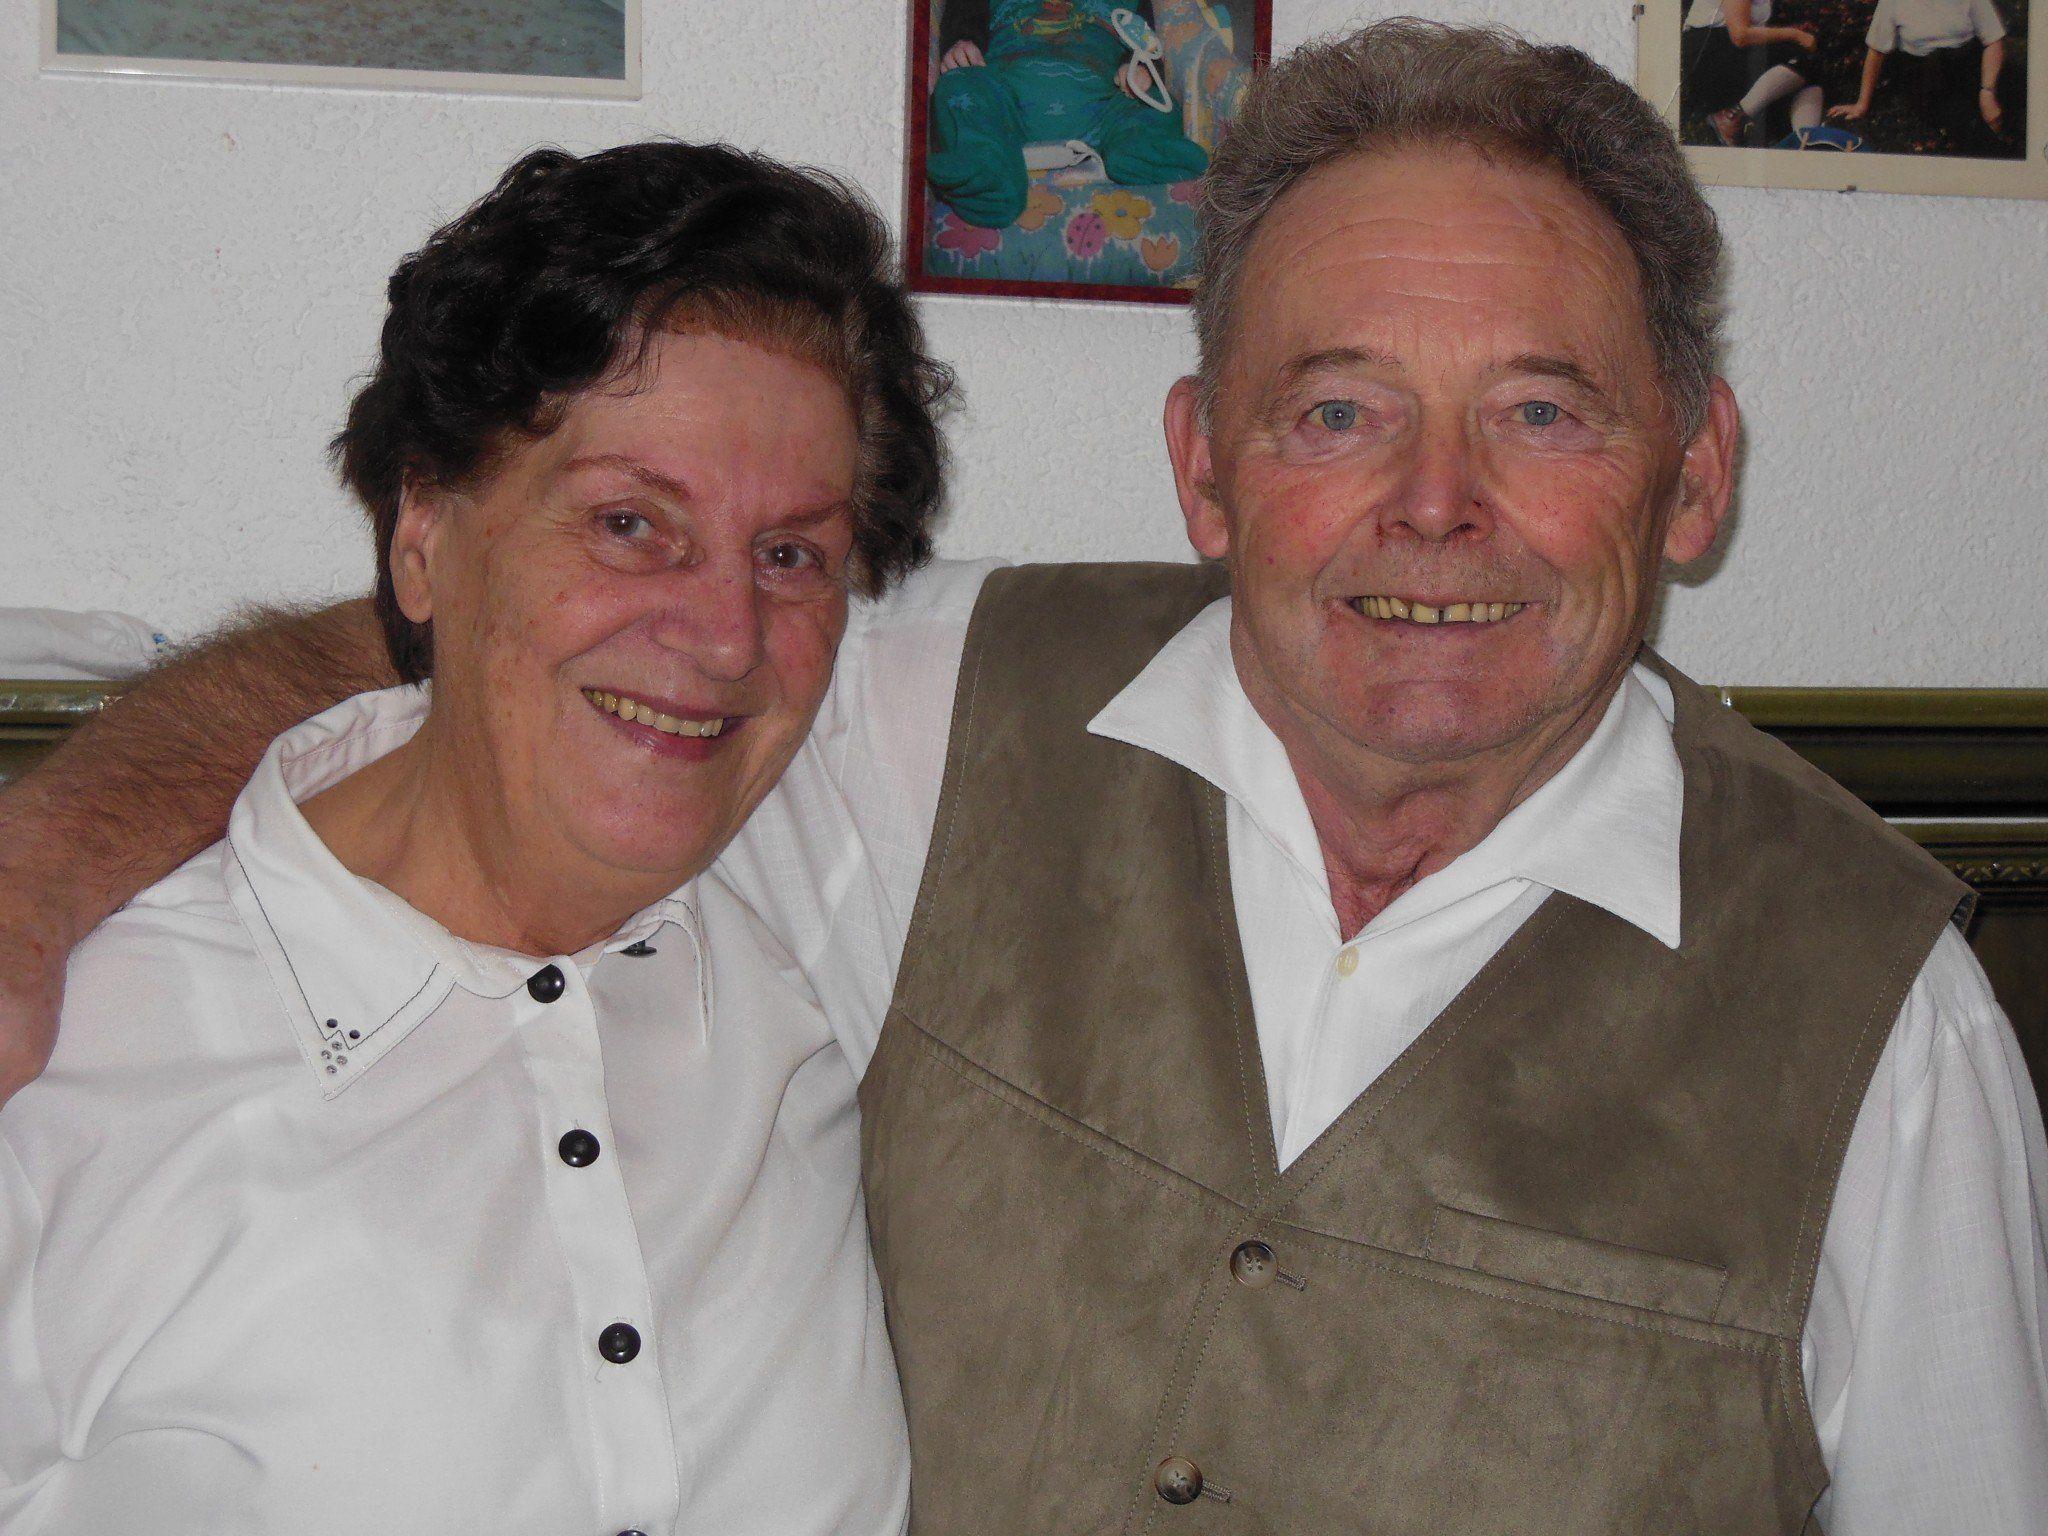 Glücklich und zufrieden blickt das Paar auf 50 gemeinsame Jahre zurück.